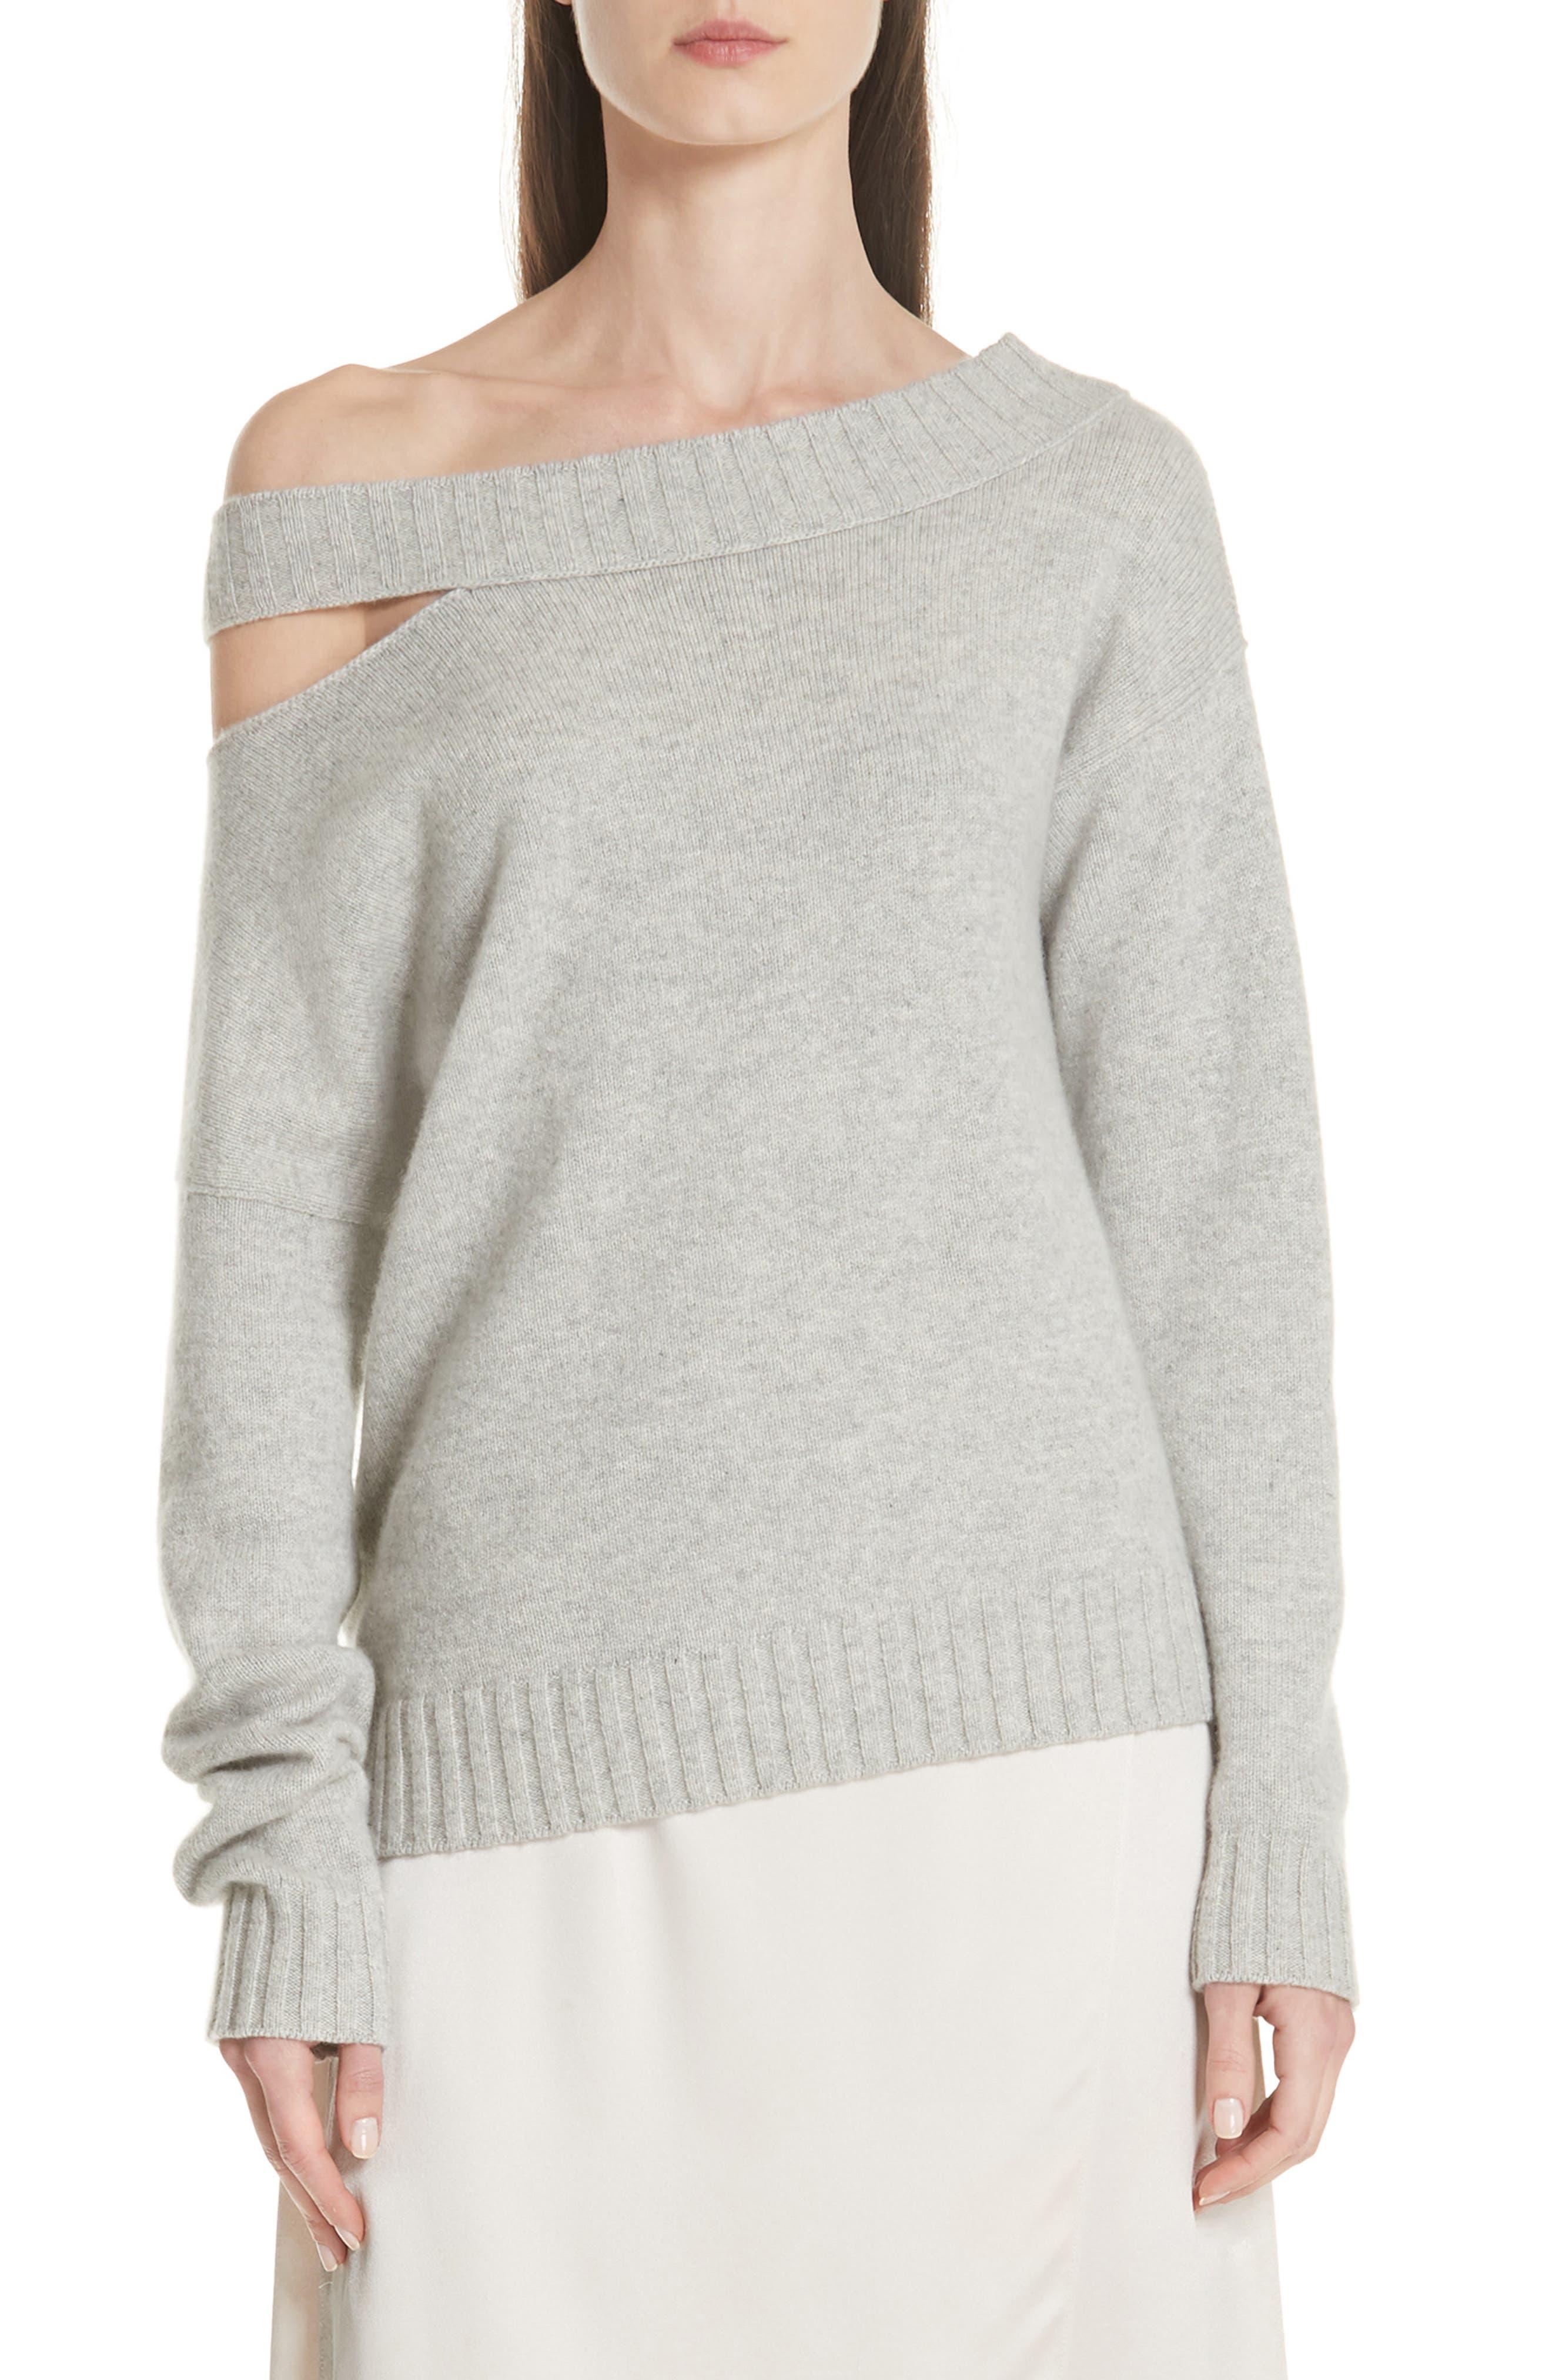 One Shoulder Slit Pullover Sweater,                         Main,                         color, LIGHT HEATHER GREY